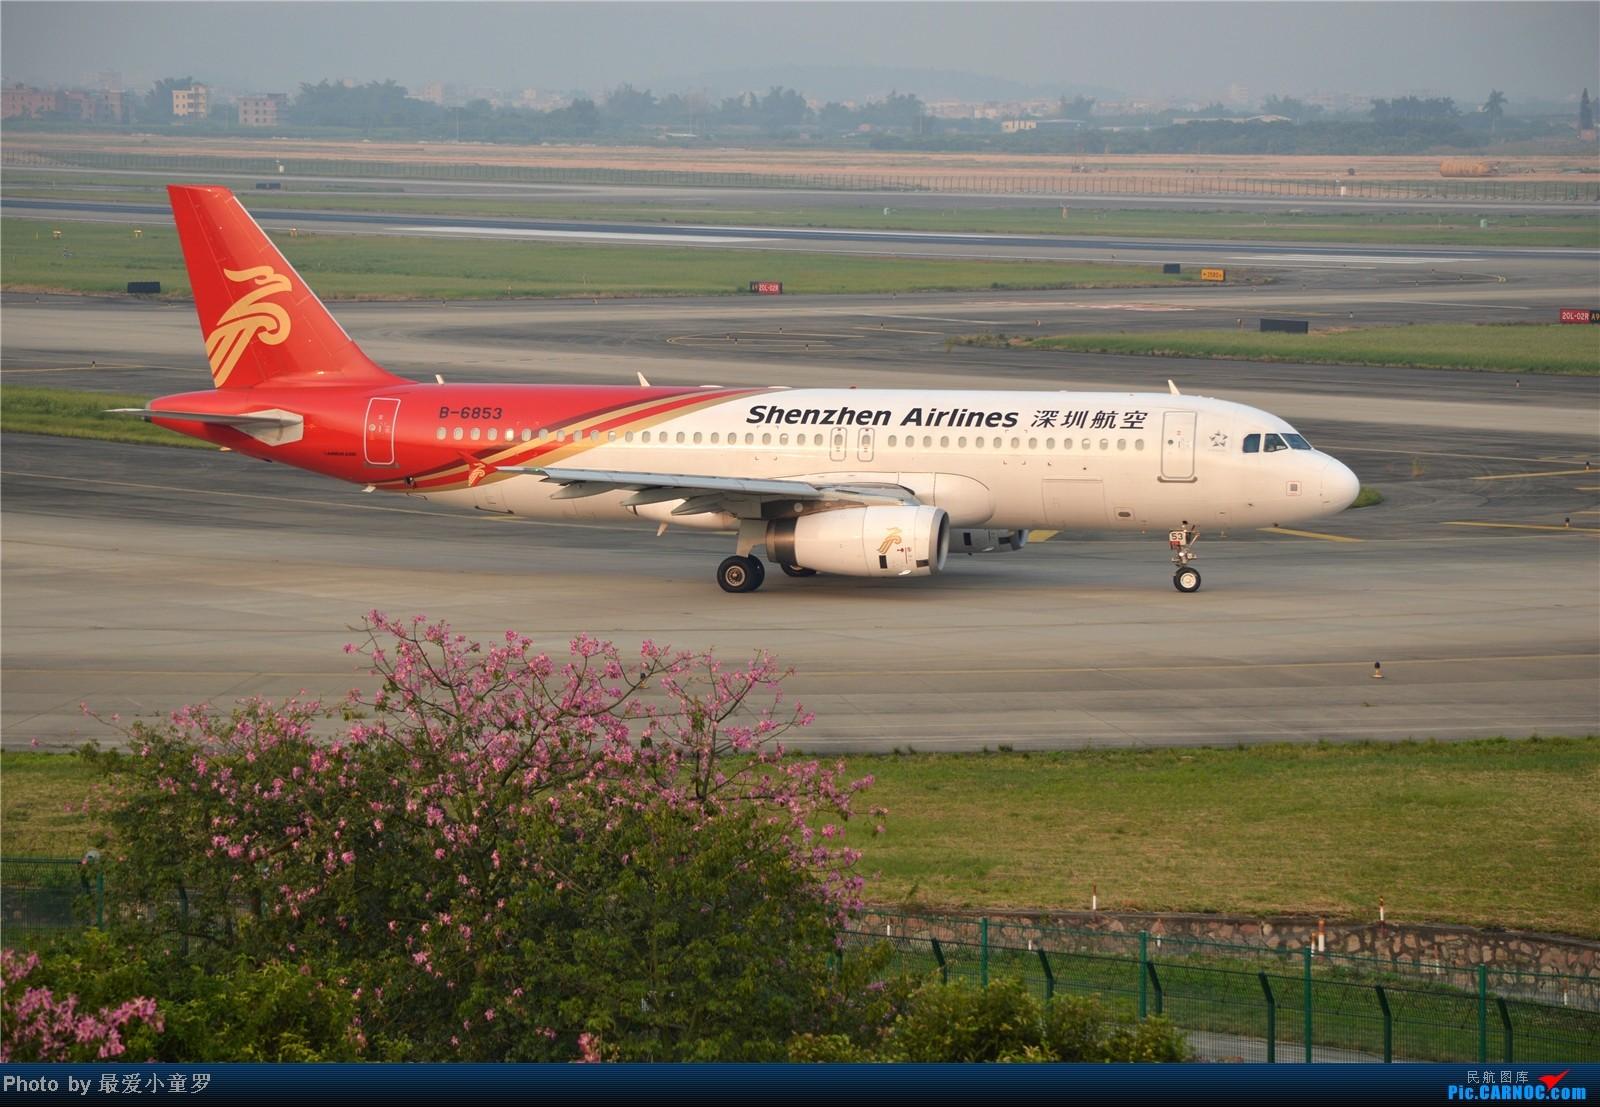 Re:[原创]炒冷饭系列2013年10月4日CAN拍机,带消防塔角度 AIRBUS A320-200 B-6853 中国广州白云机场